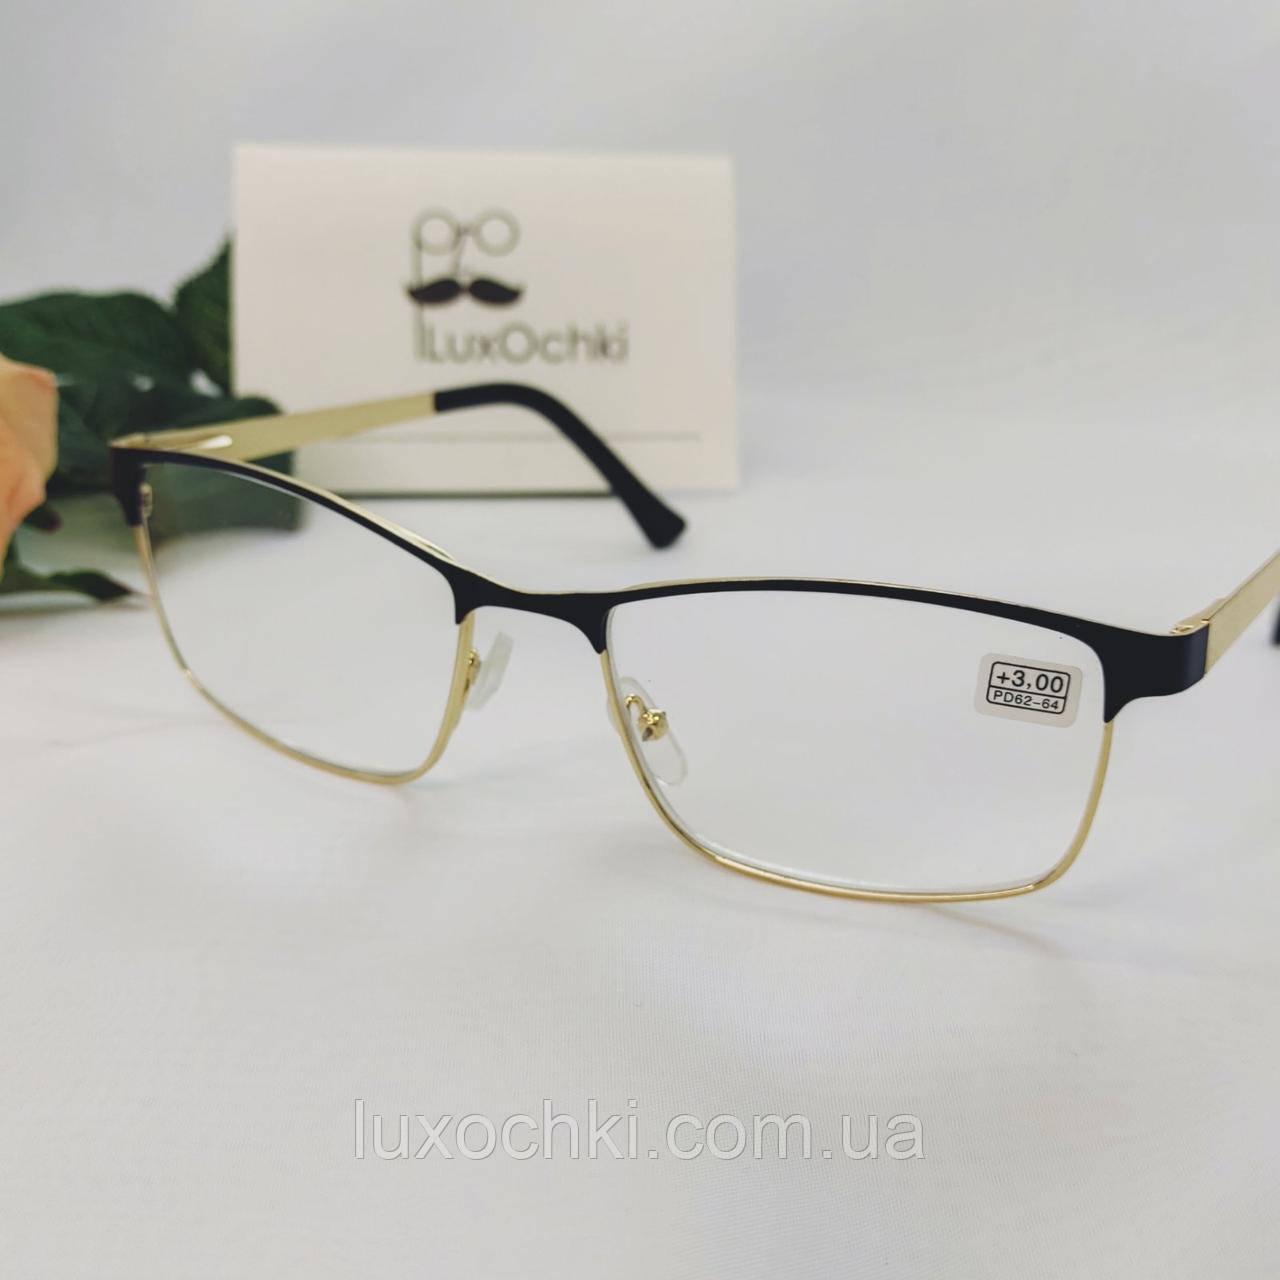 +3.0 Готовые диоптрические женские очки для зрения в металлической черно-золотой оправе